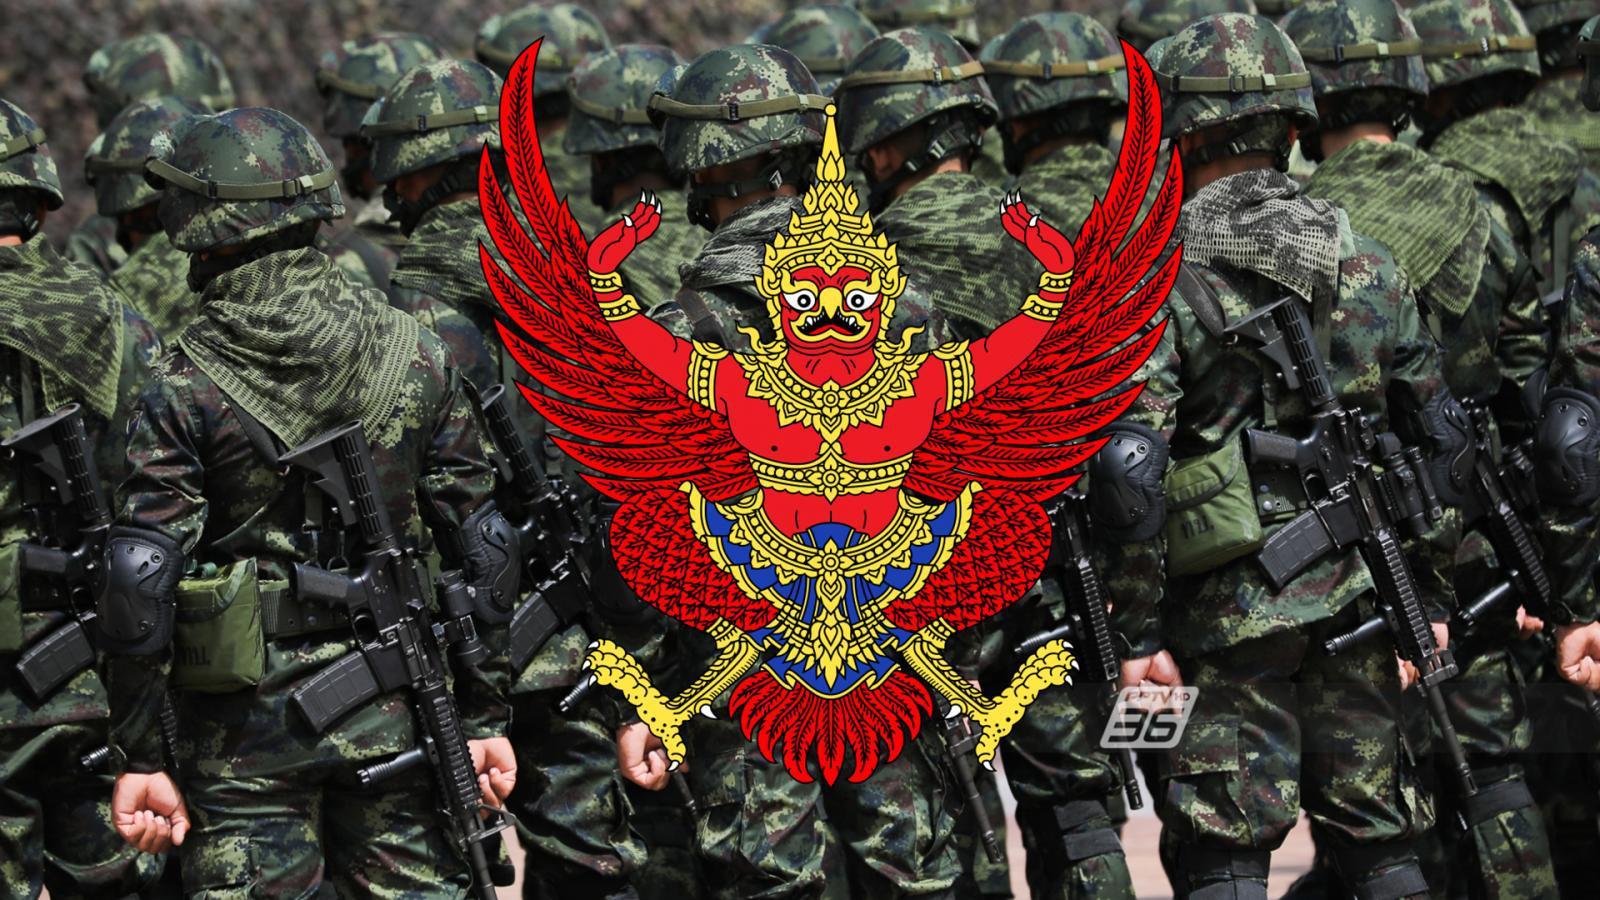 เช็คชื่อที่นี่!! โปรดเกล้าฯพระราชทานยศ  7,867 นายทหารต่ำกว่าชั้นนายพล